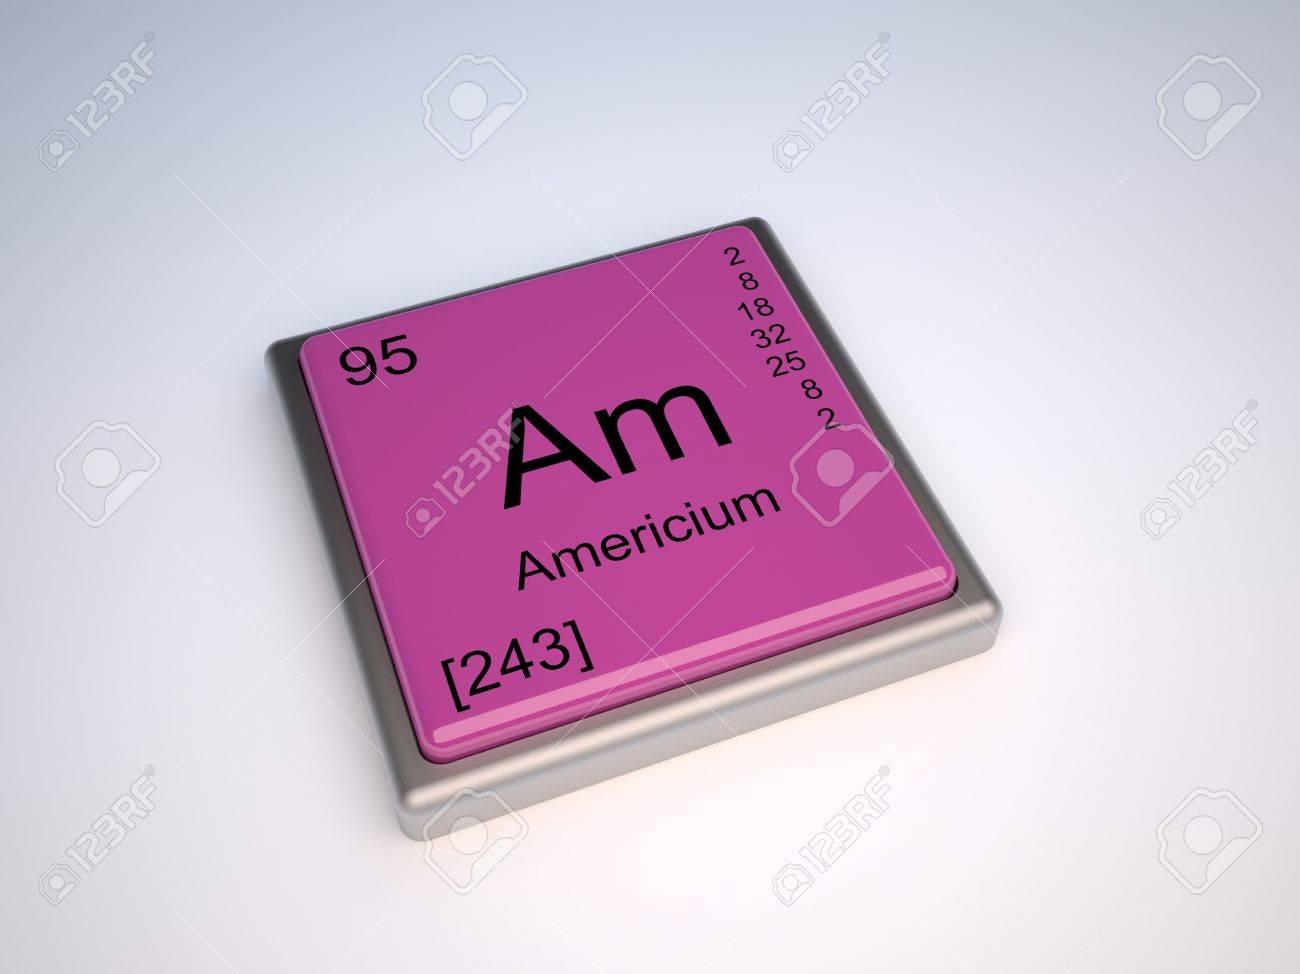 アメリシウム化学元素記号の周期表のよ の写真素材・画像素材 Image ...